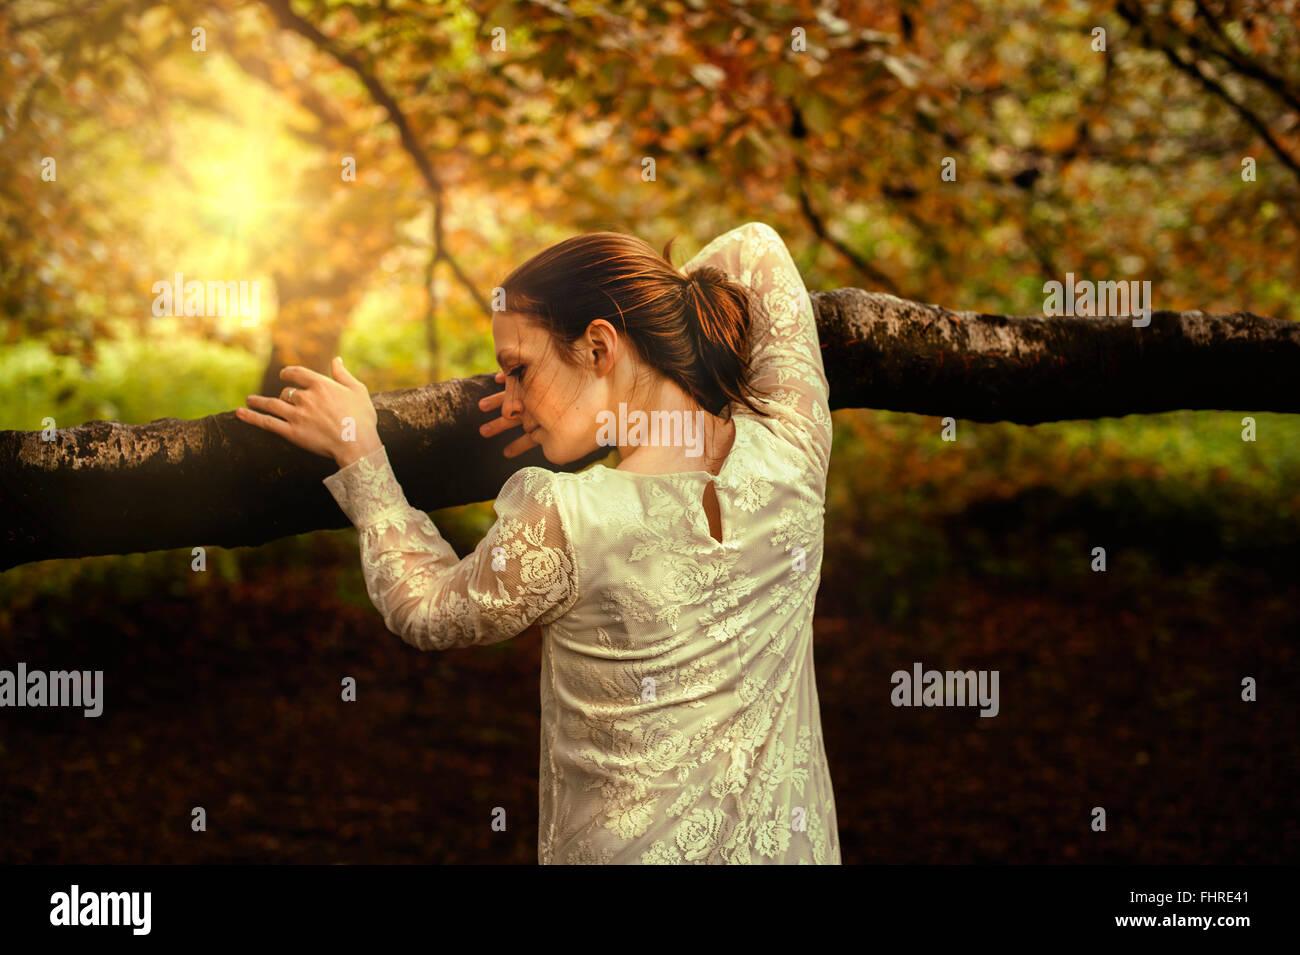 Mujer joven en estacionamiento apoyándose en la rama de árbol Imagen De Stock